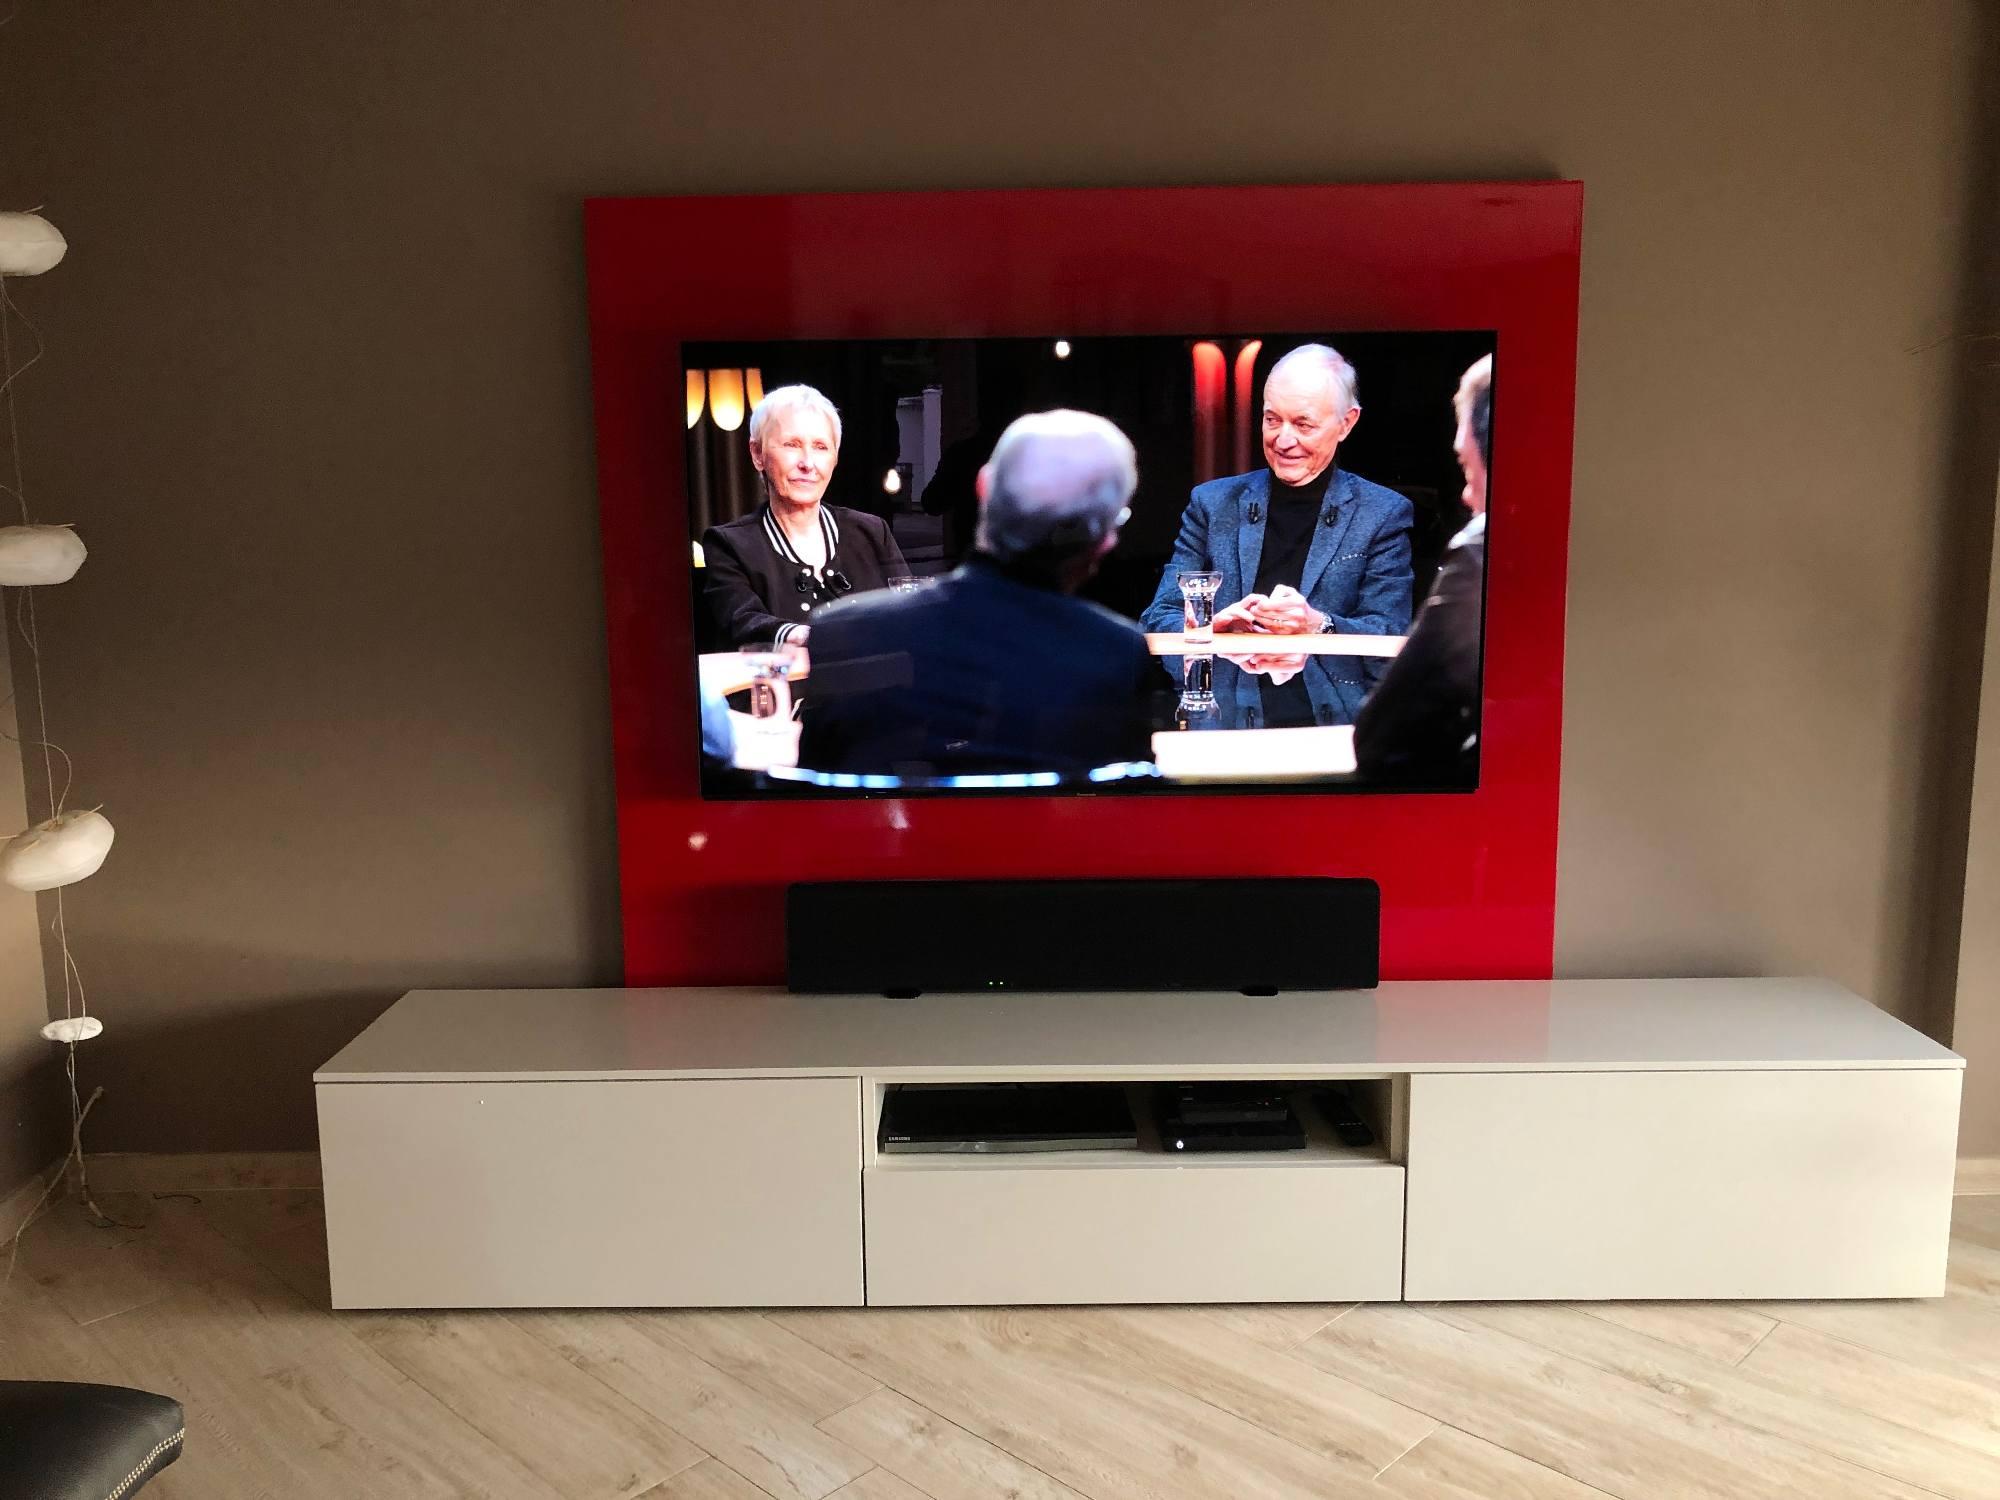 TV-OLED--PROJECTEUR-DE-SON-REYRIEUX